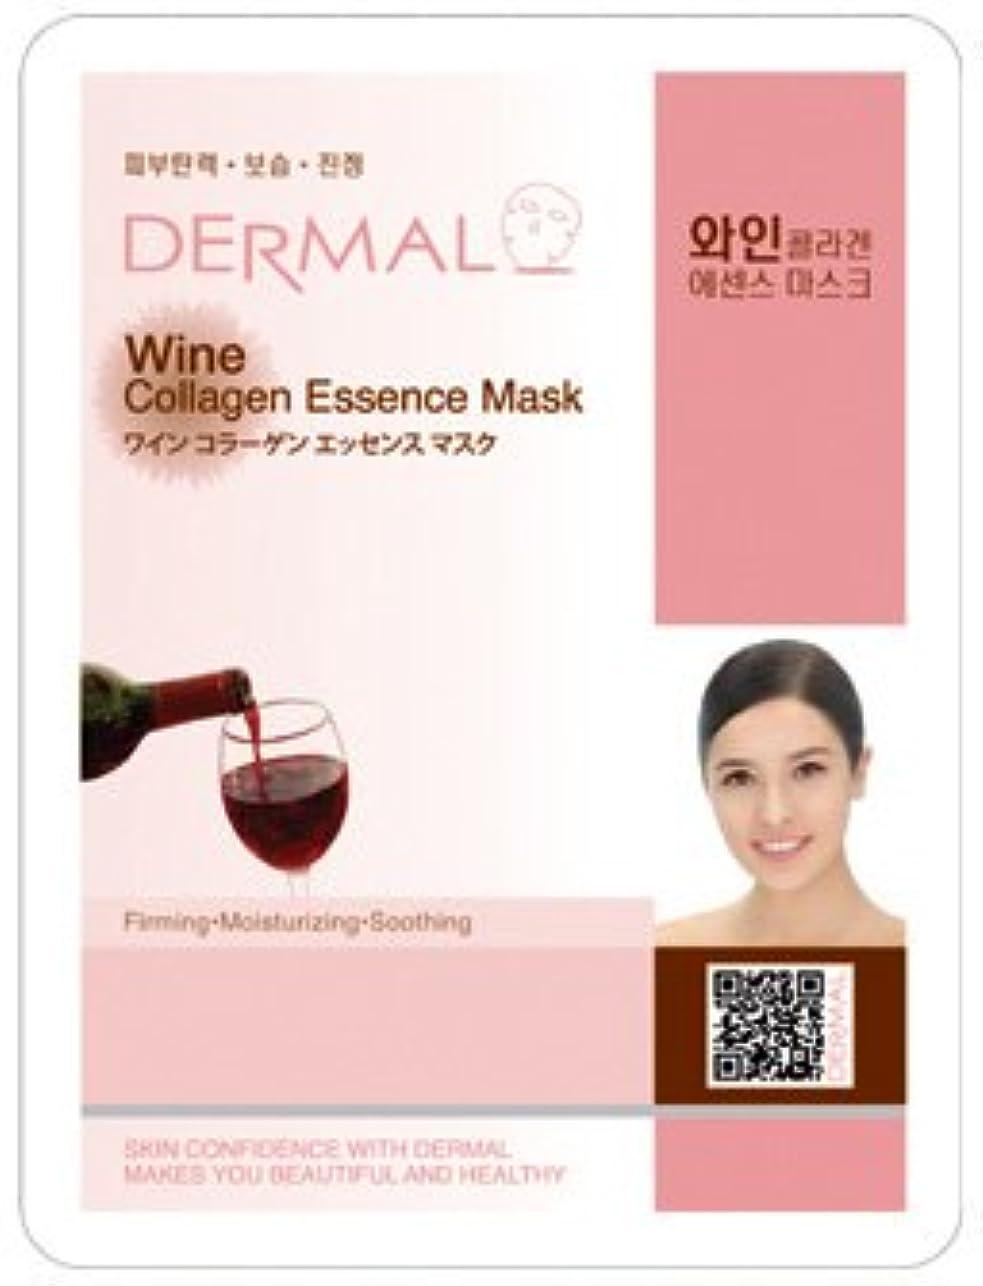 独立してロゴ抗議シート マスク ワイン ダーマル Dermal 23g (10枚セット) フェイス パック